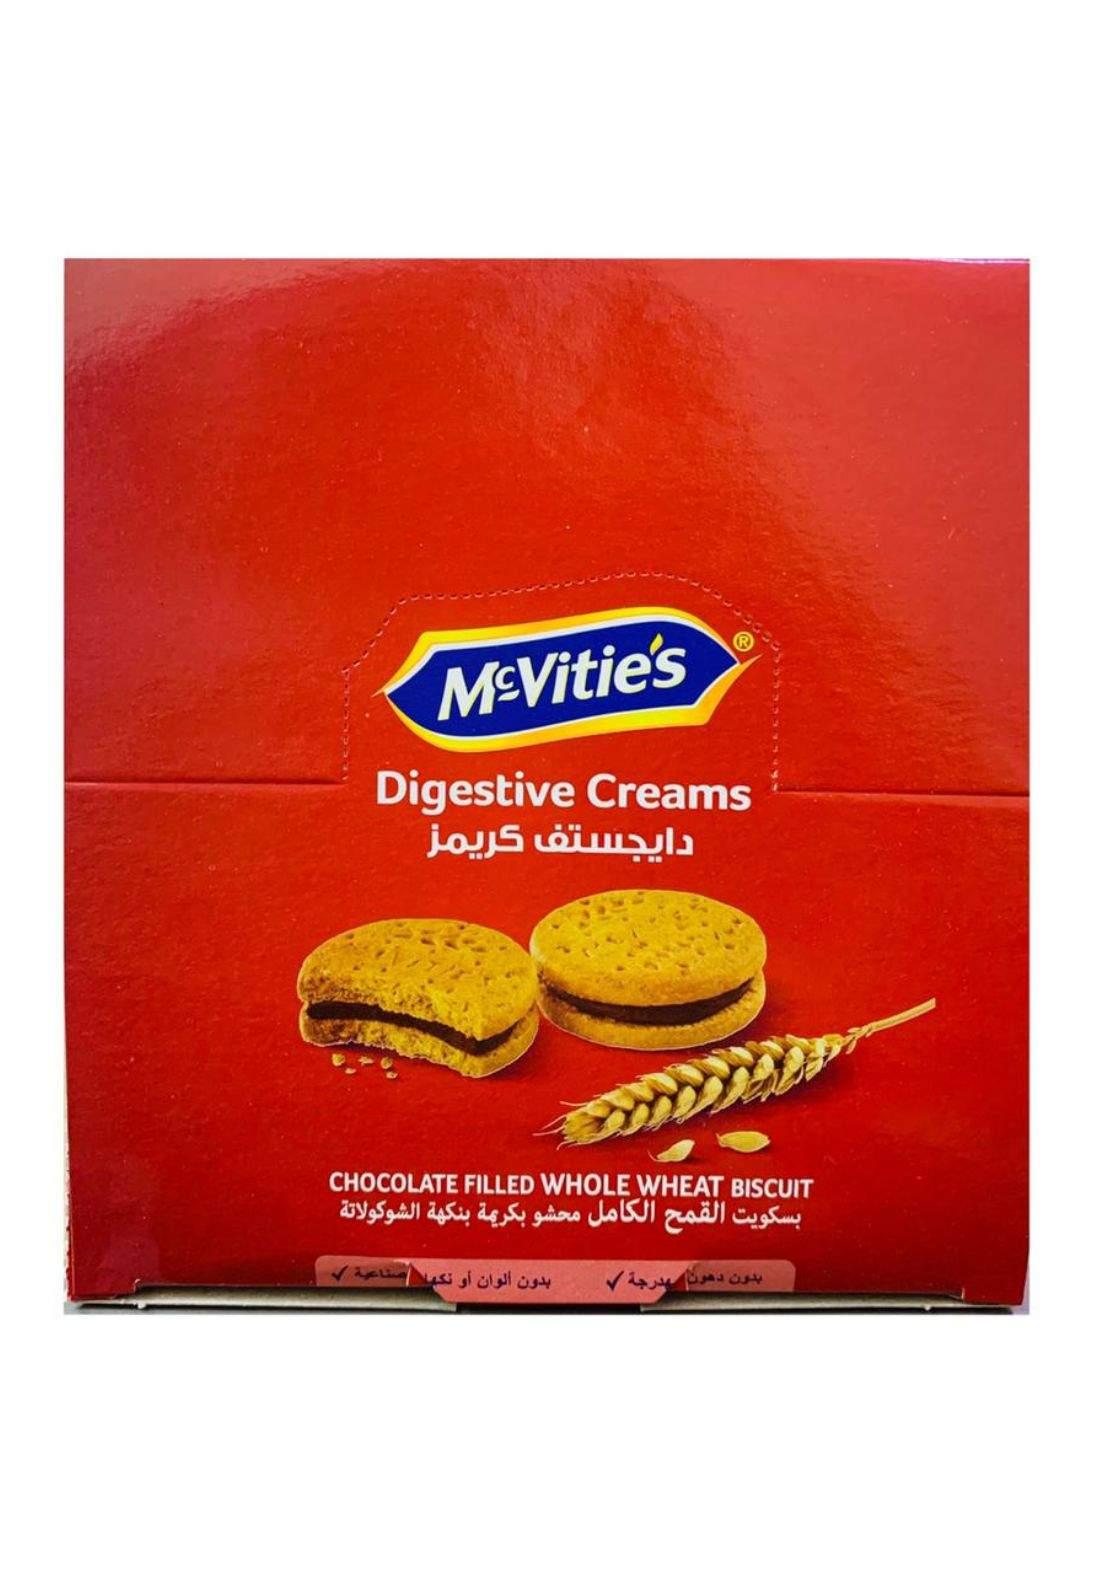 Digestive Chocolate Cream Biscuits بسكويت دايجستف بحشوة بالكاكاو